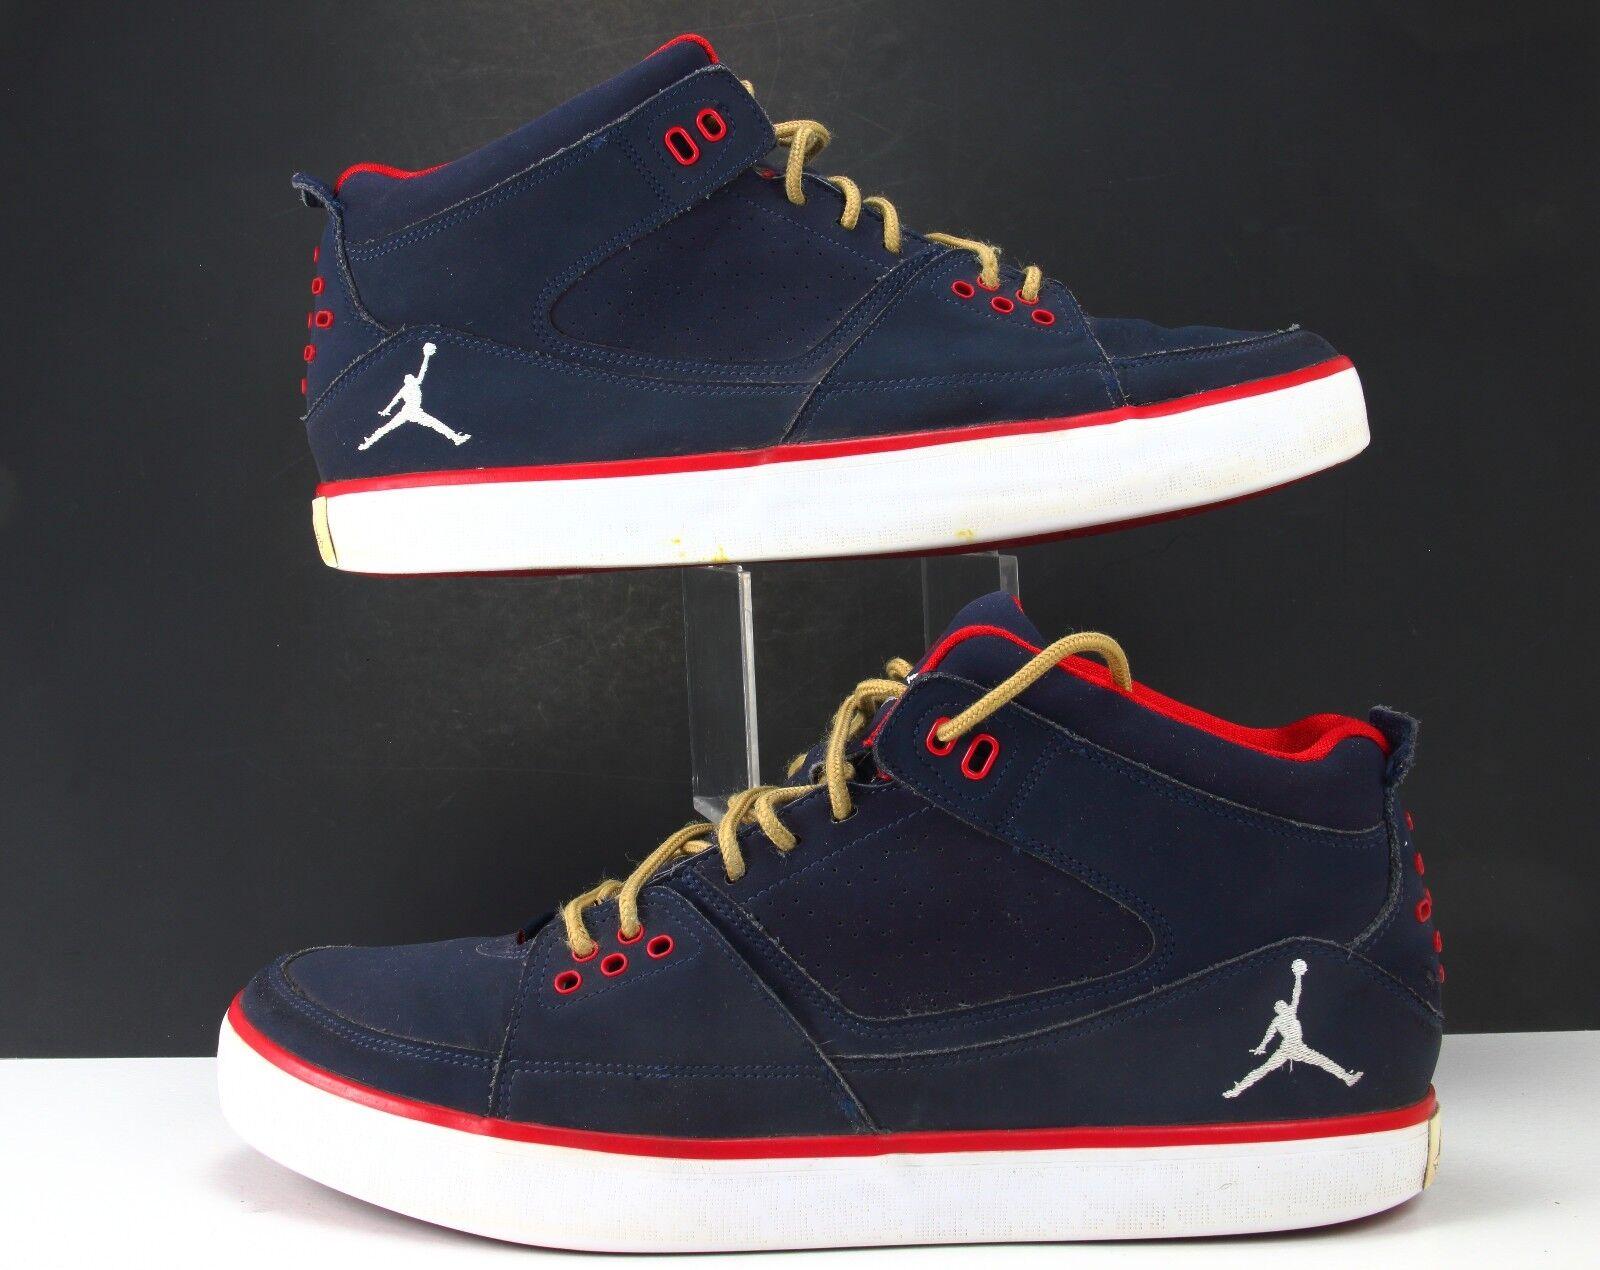 Nike Air Jordan Flight 23 AC bluee Gym Red-White 524390-403 Men's Size 11